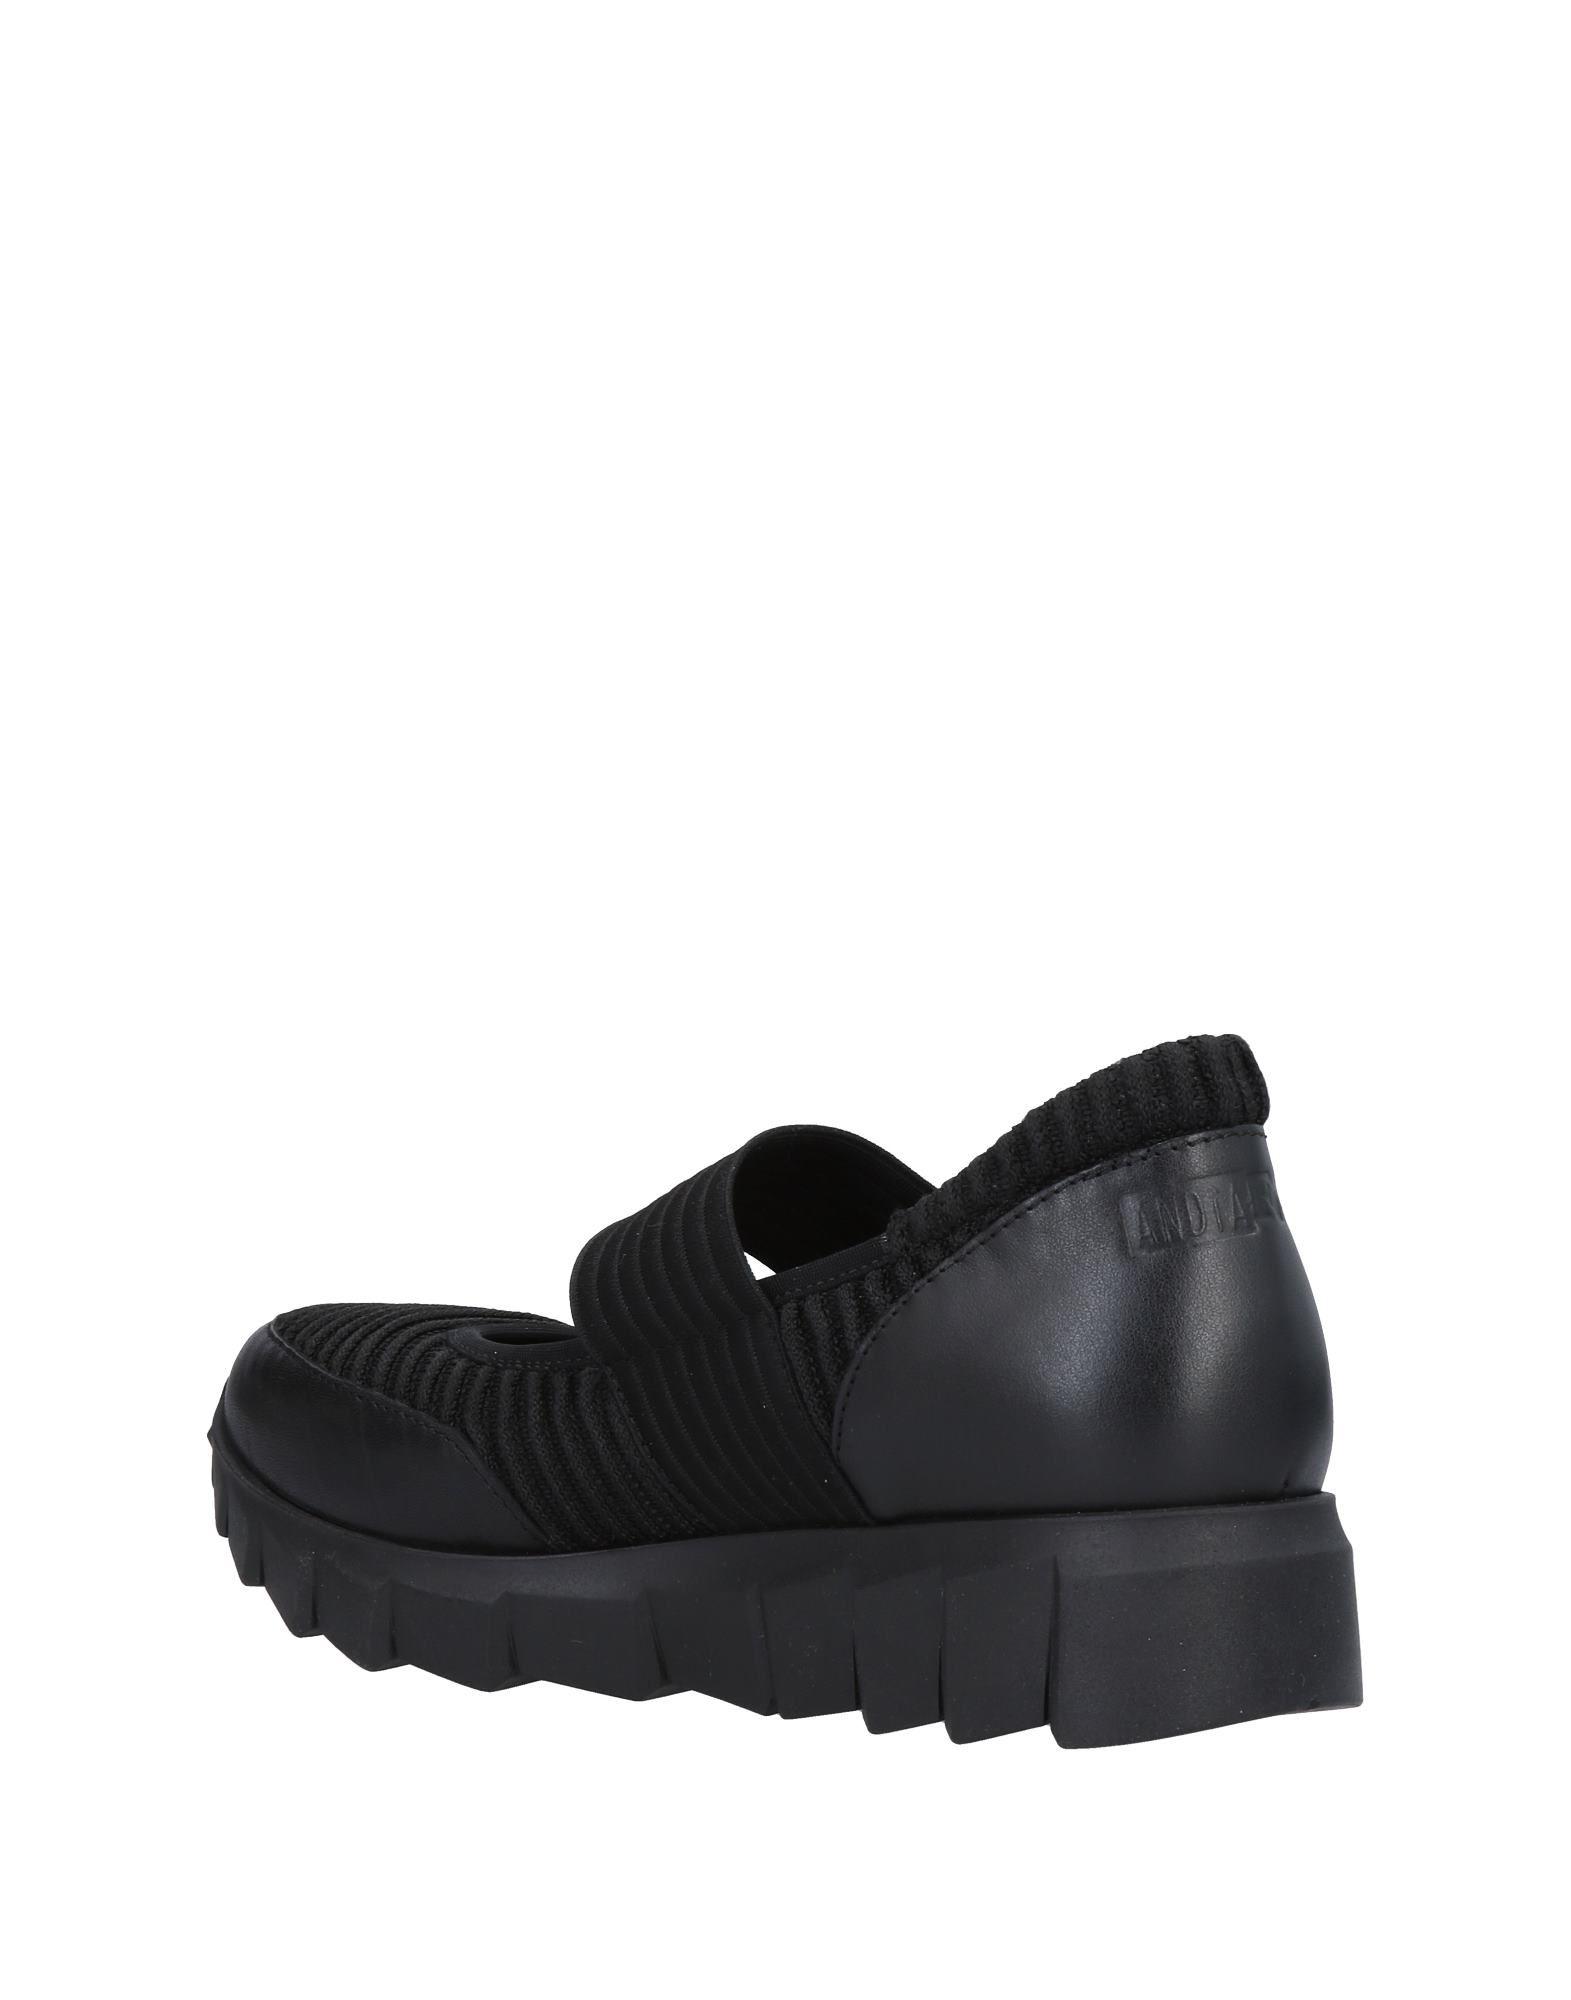 Andìa Fora Gute Pumps Damen  11491757BW Gute Fora Qualität beliebte Schuhe c883d8